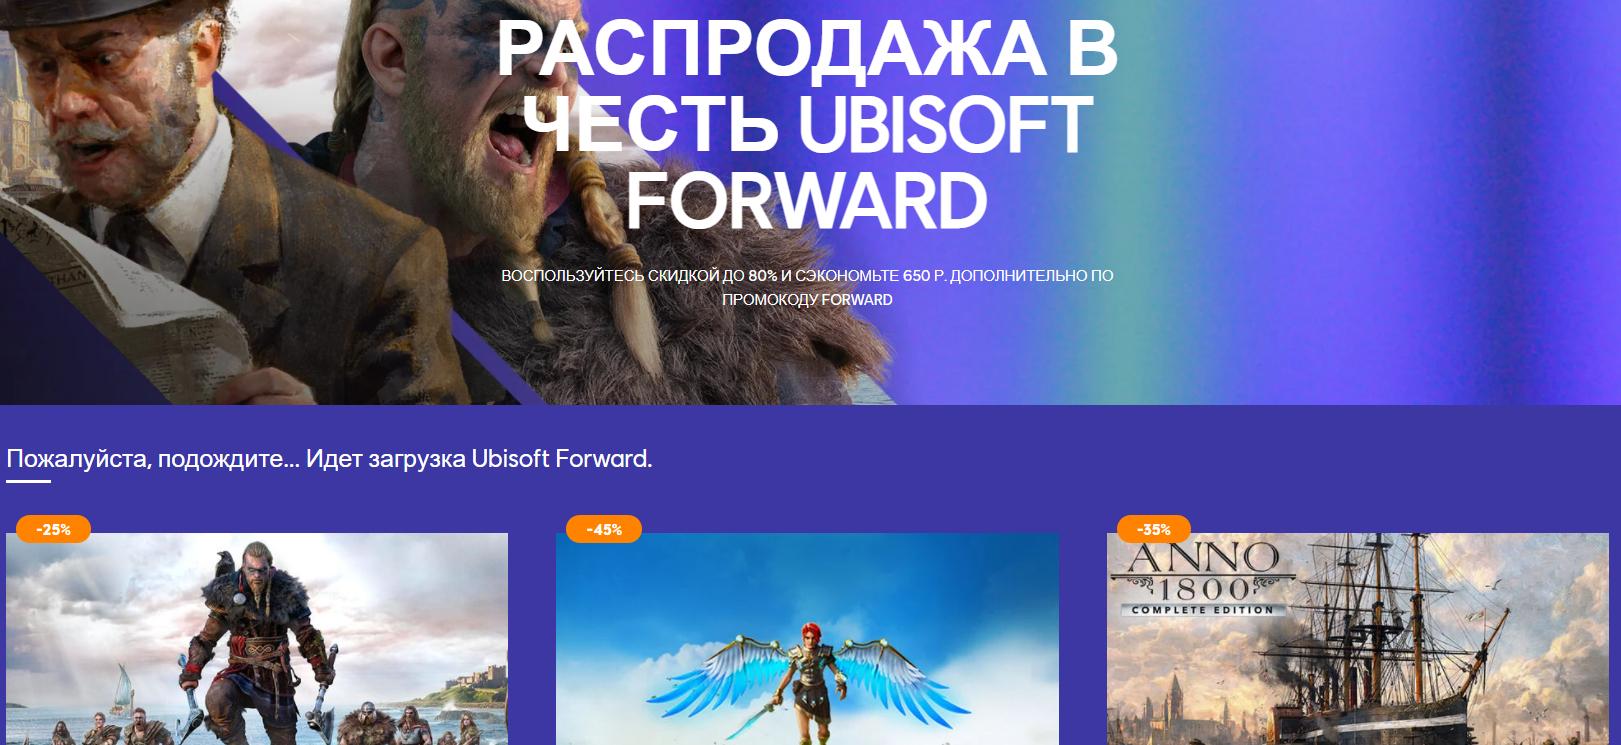 AC Valhalla, Far Cry 5 и другие: в Ubisoft Store началась распродажа со скидками до 80 % и купонами на 650 руб